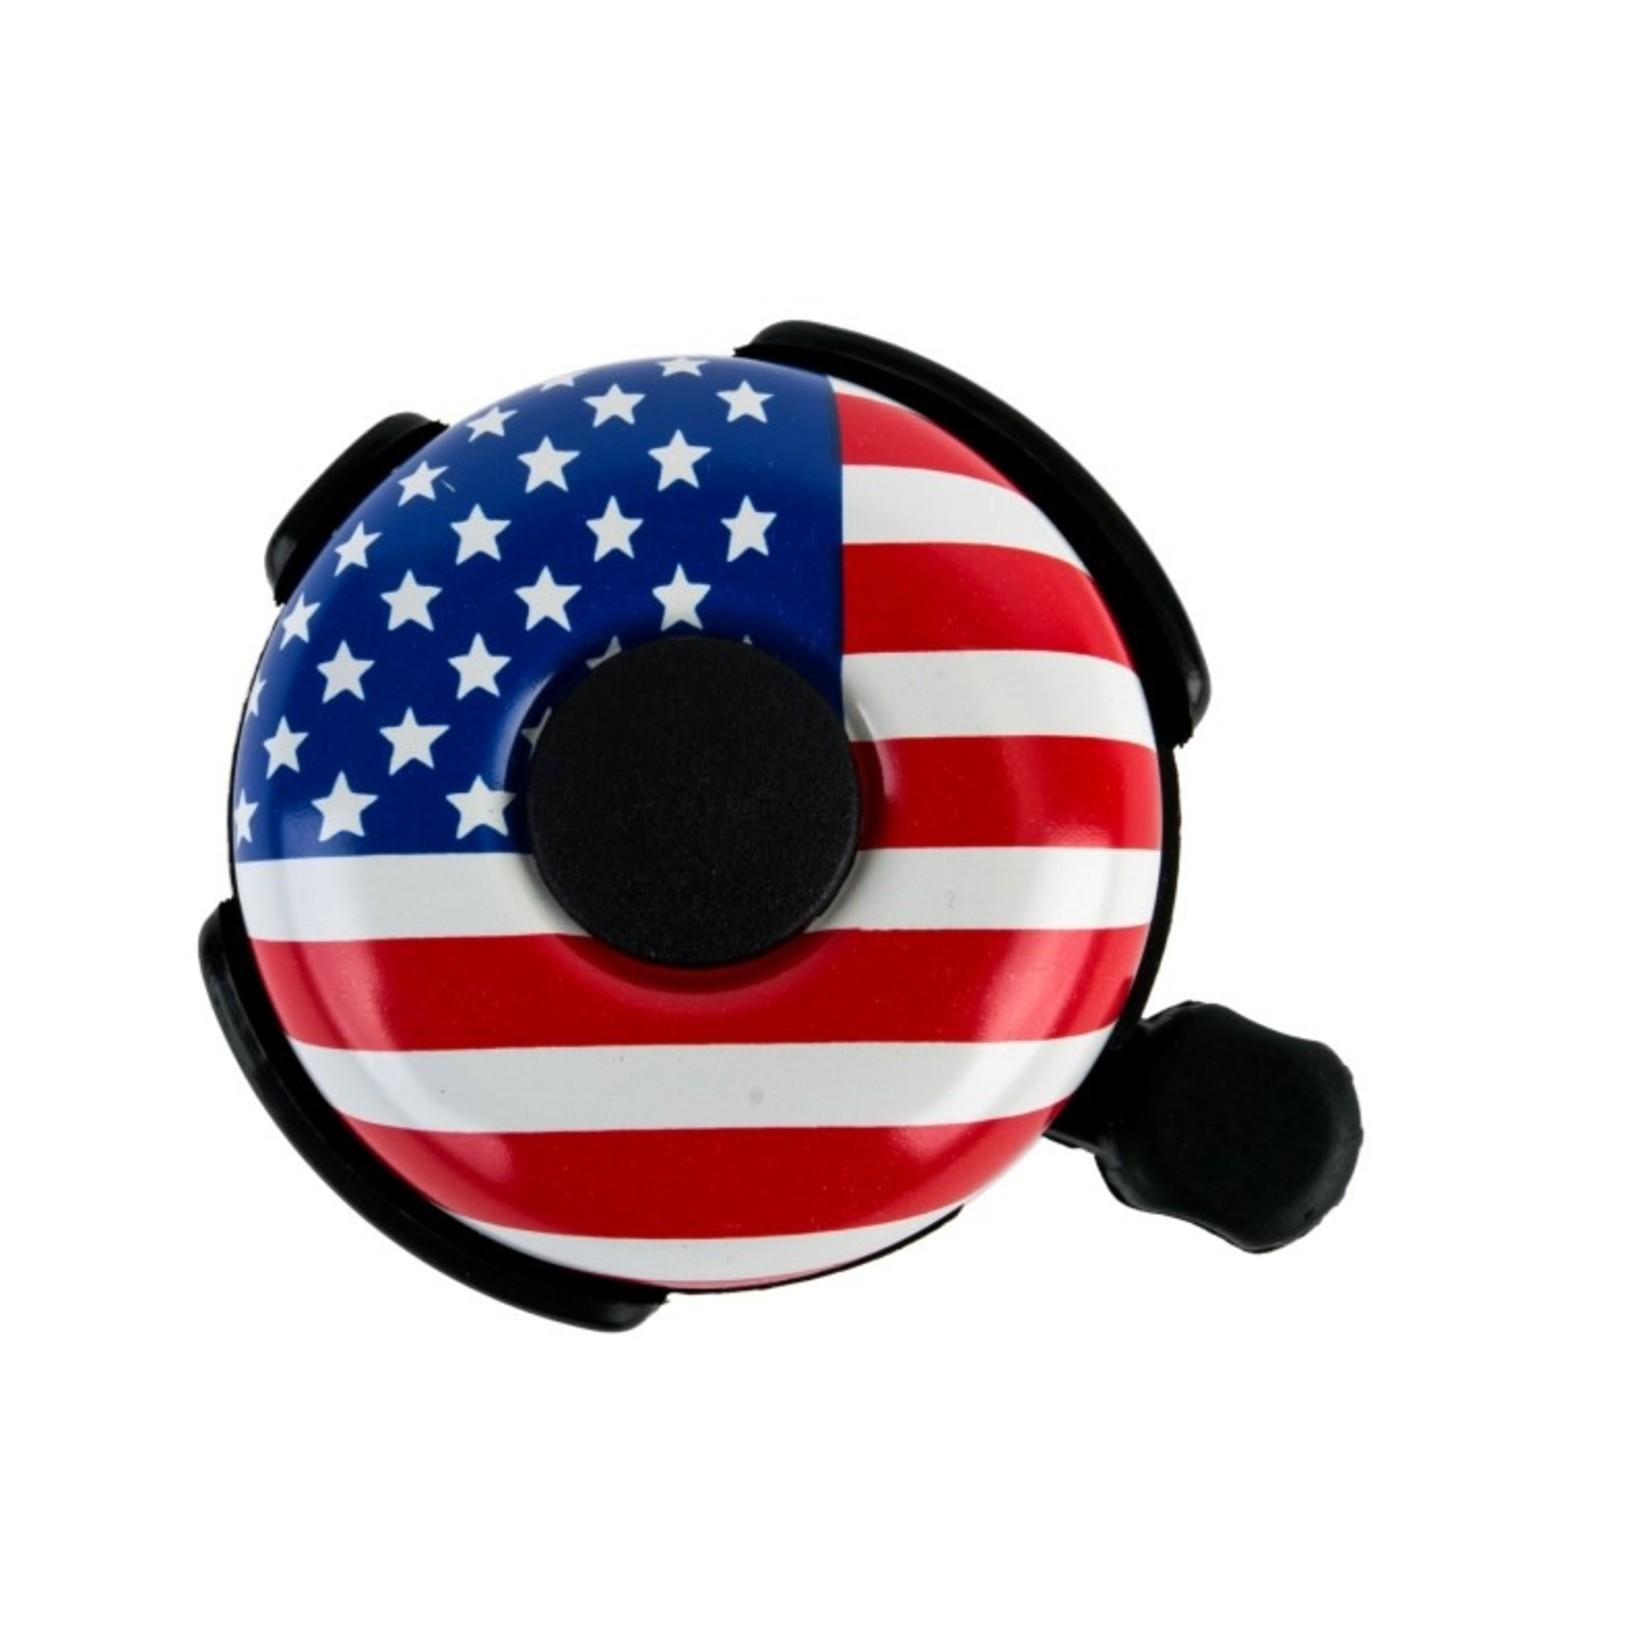 53mm Alloy Ringer Bell USA Flag